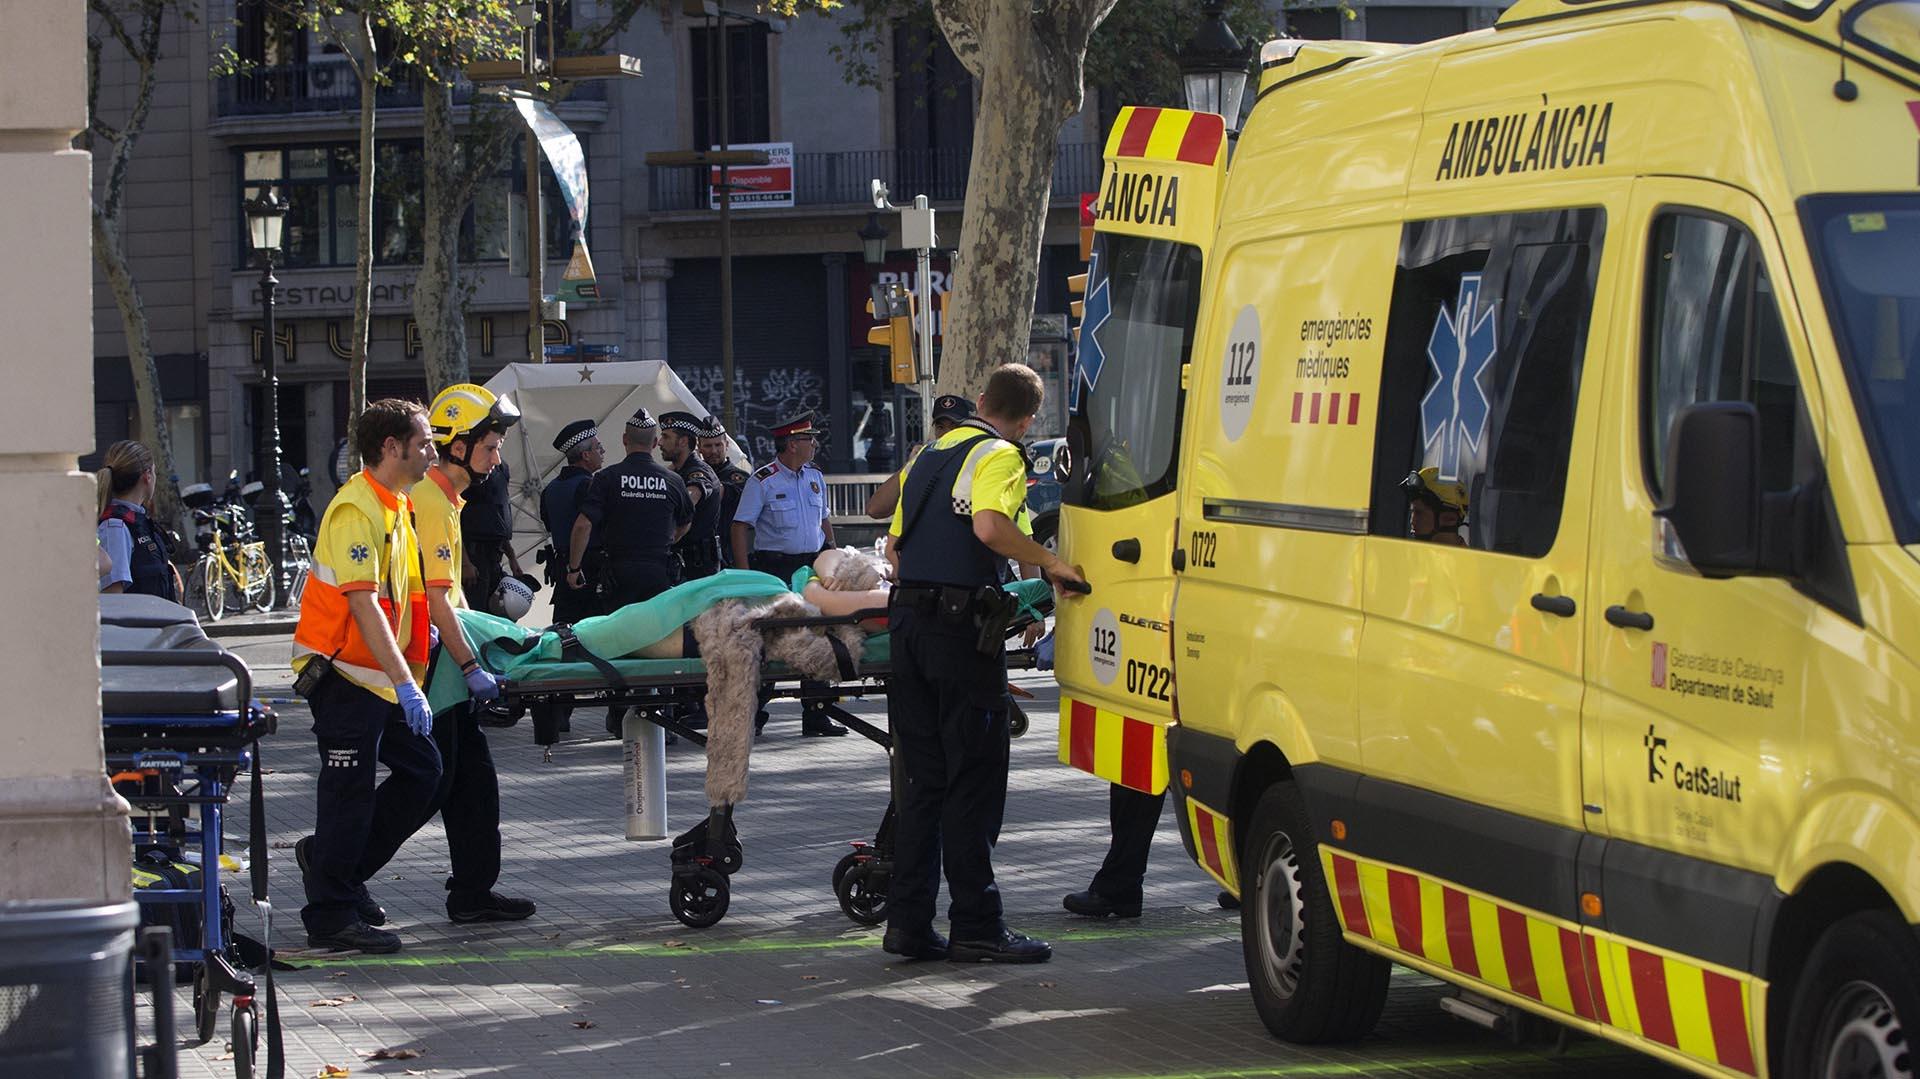 Los servicios de emergencia trasladan a una de las personas afectadas (EFE)